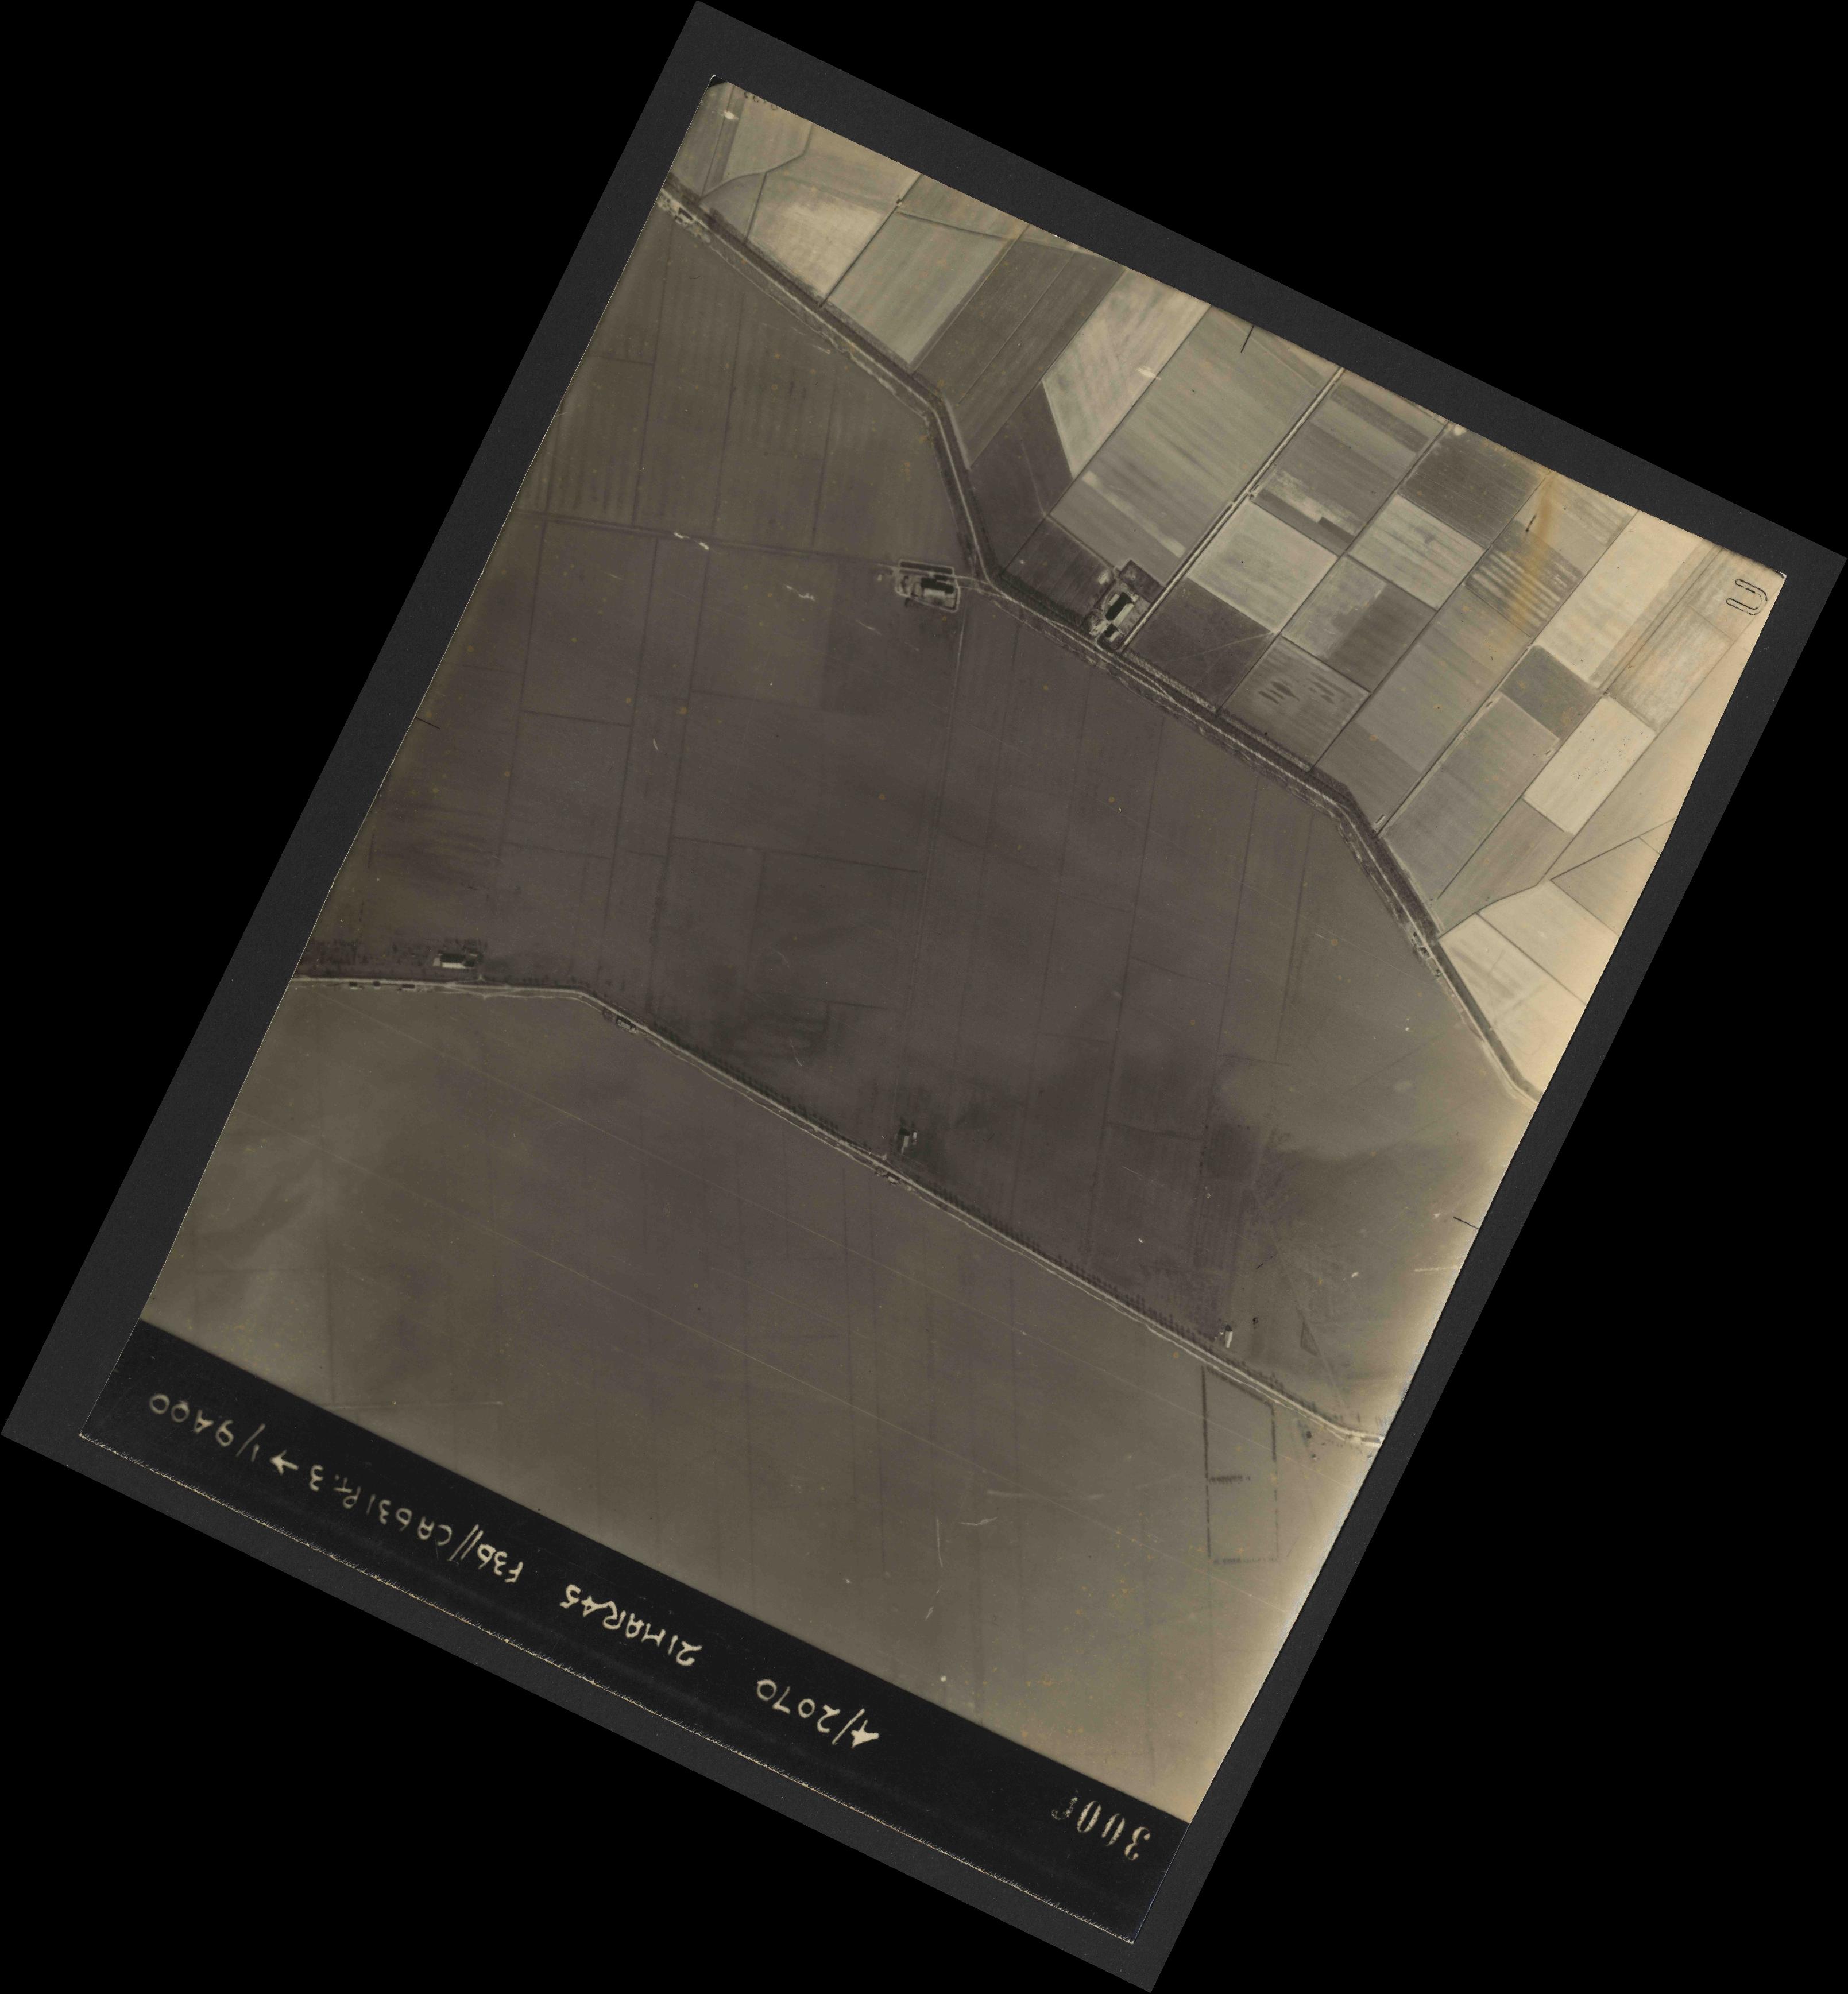 Collection RAF aerial photos 1940-1945 - flight 288, run 10, photo 3006